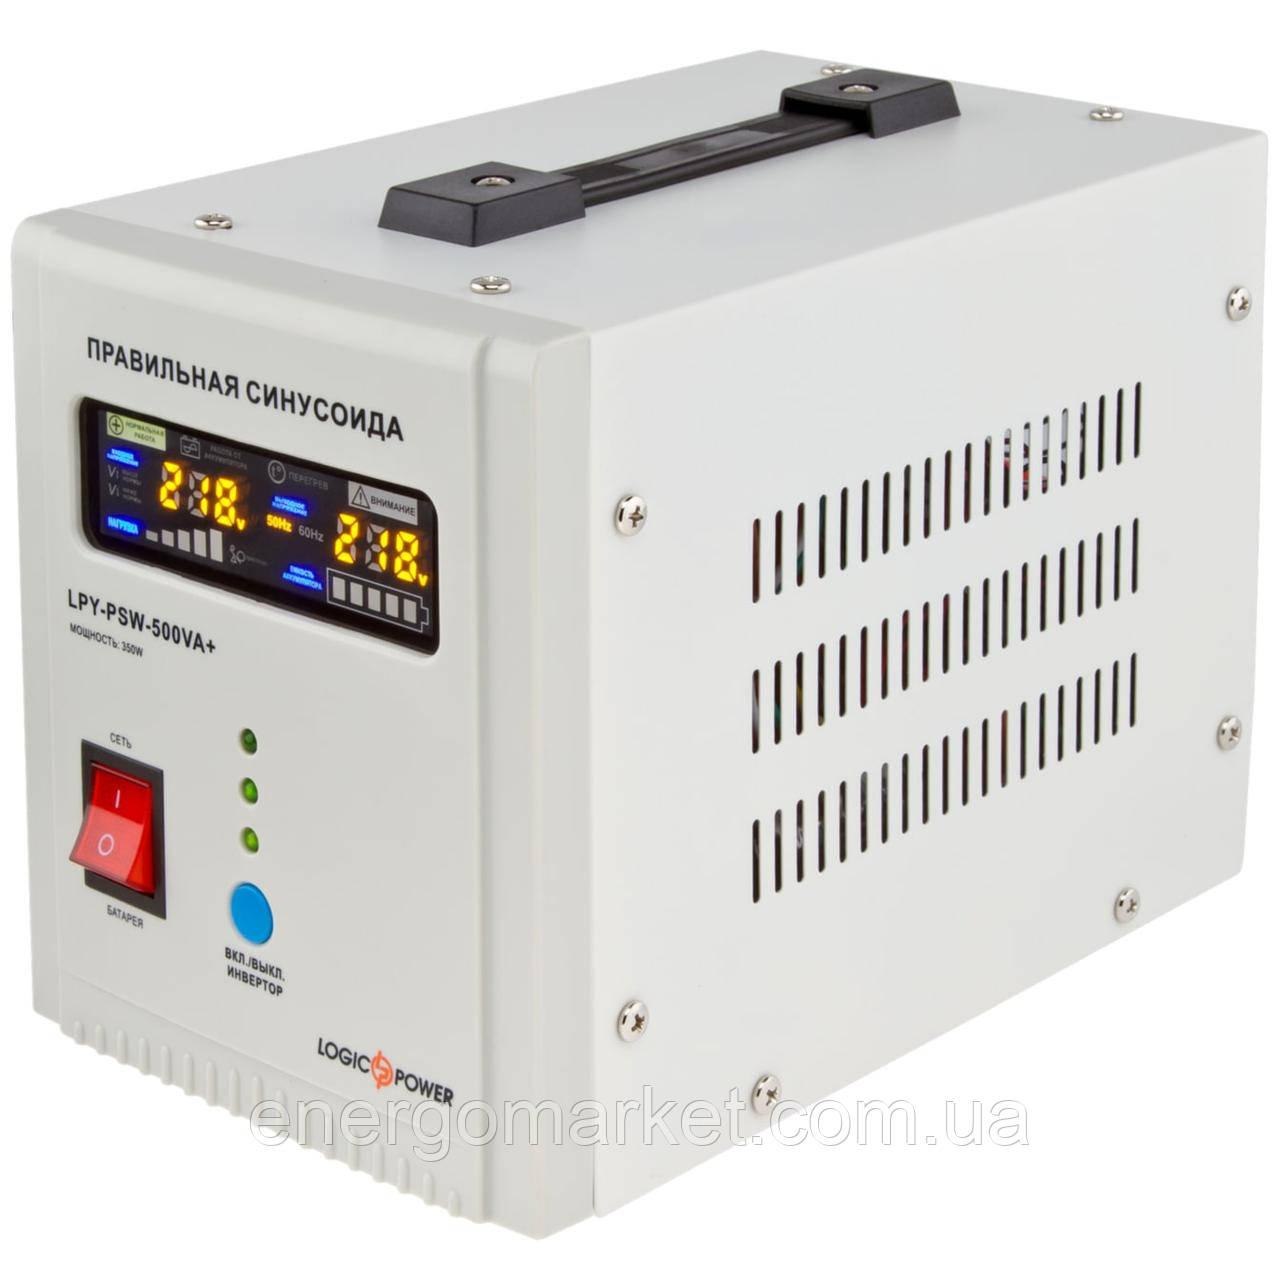 ИБП с правильной синусоидой 12V Logic Power LPY-PSW-500VA+ (350Вт) 5A/10A